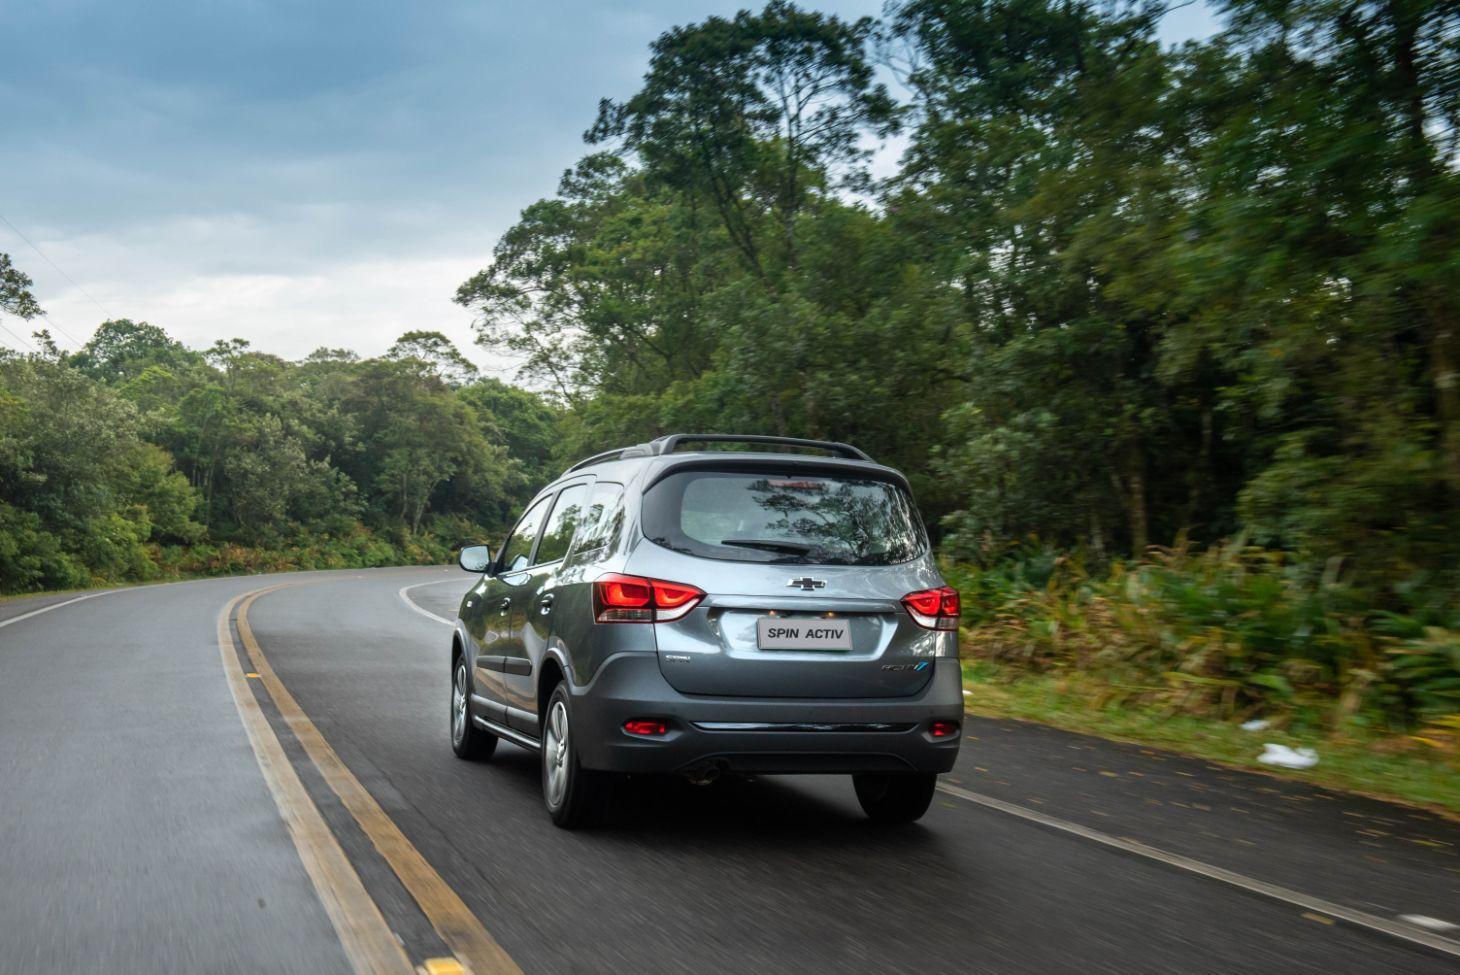 Chevrolet Spin Activ 2021 em movimento na estrada